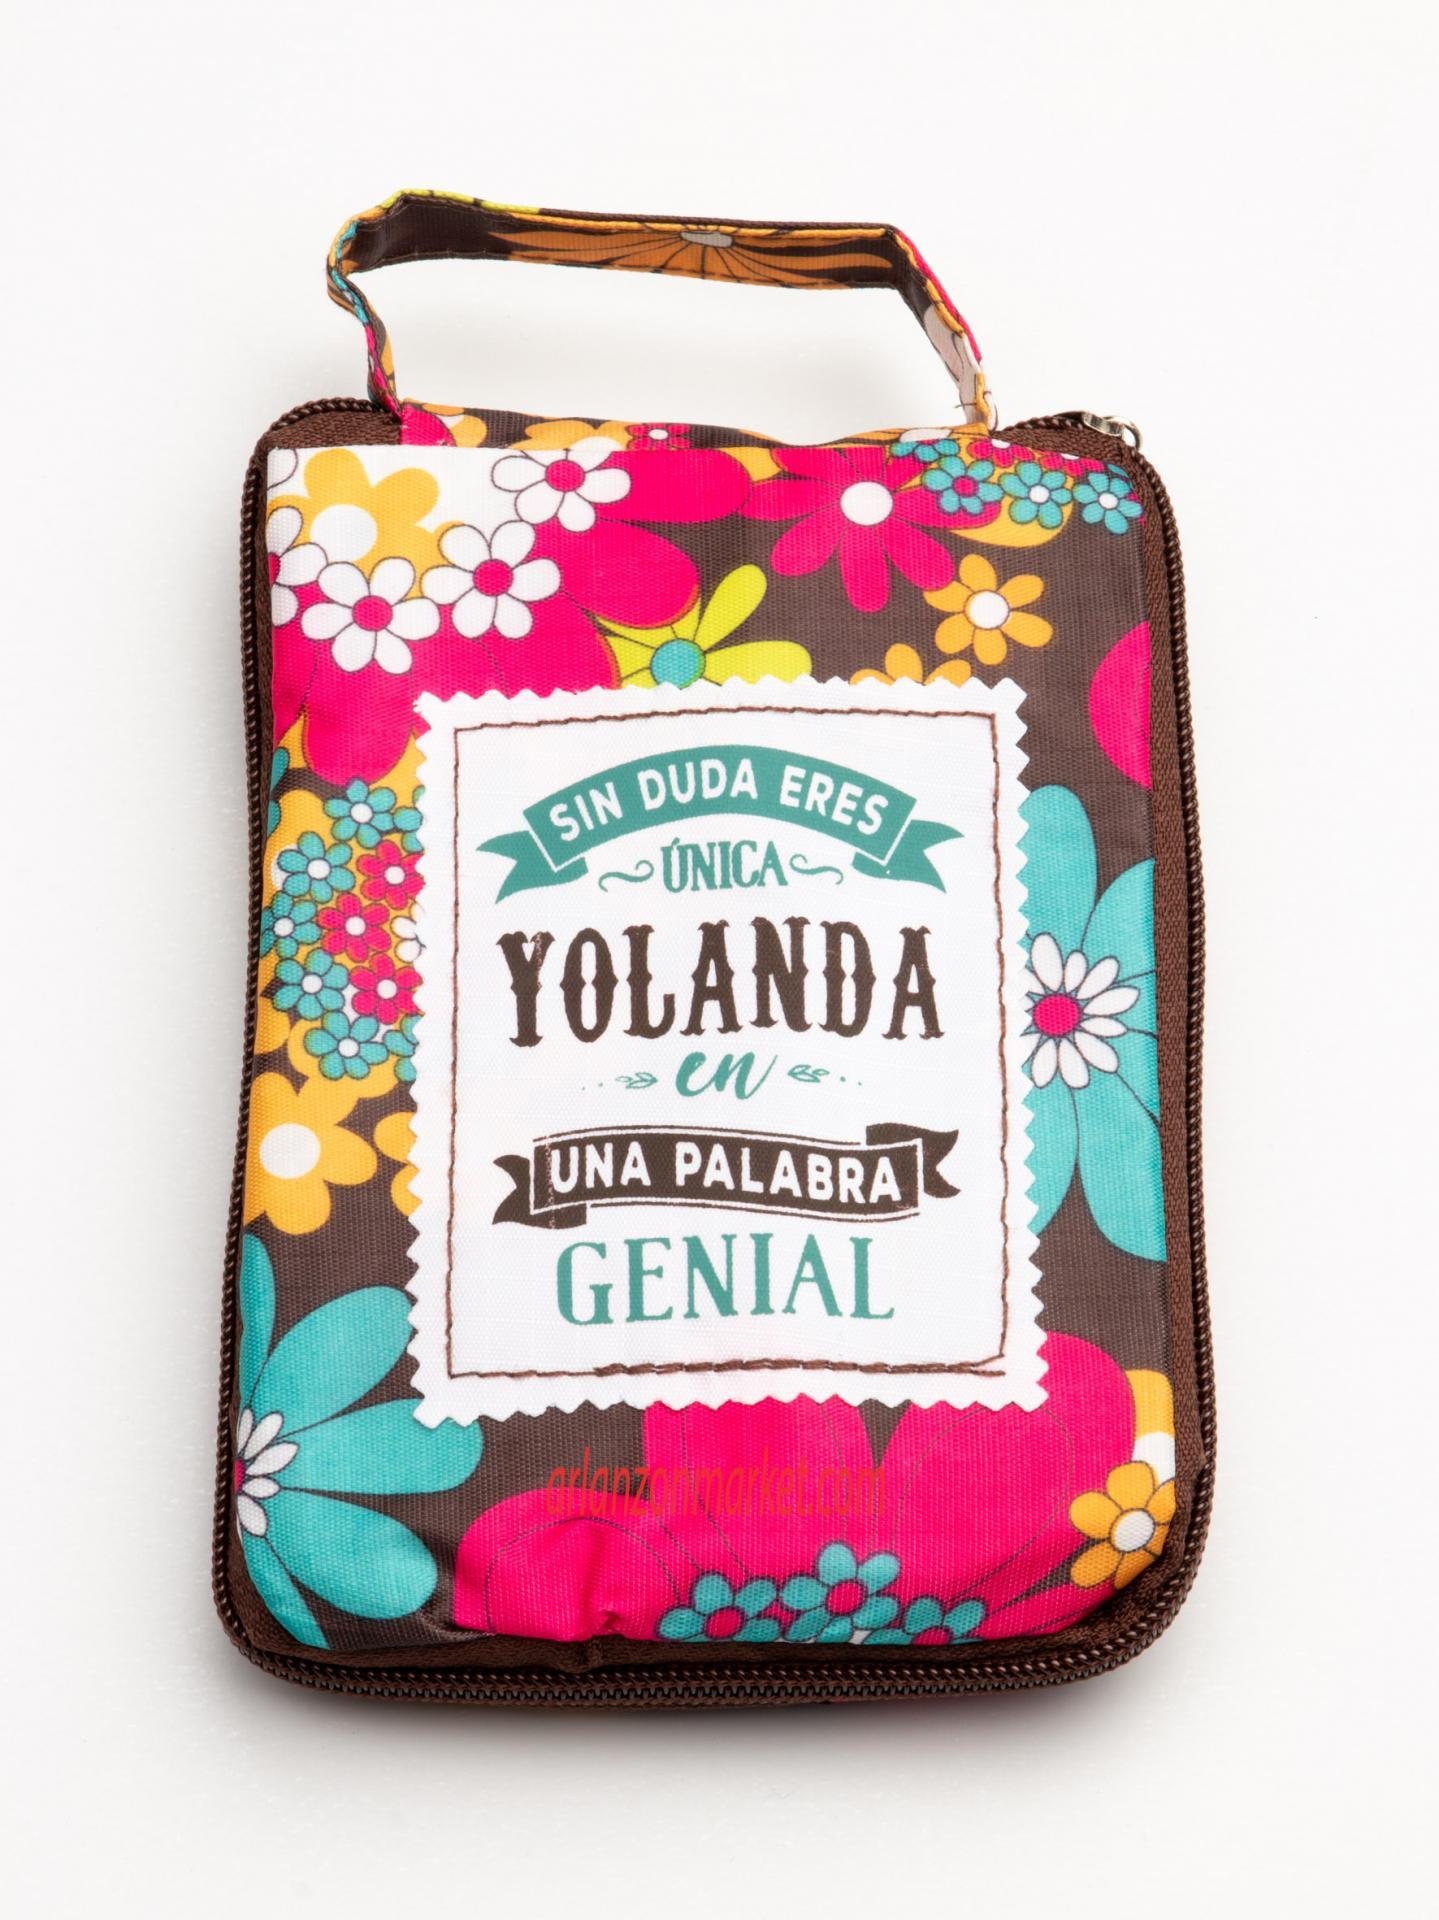 Bolsa con mensaje  YOLANDA